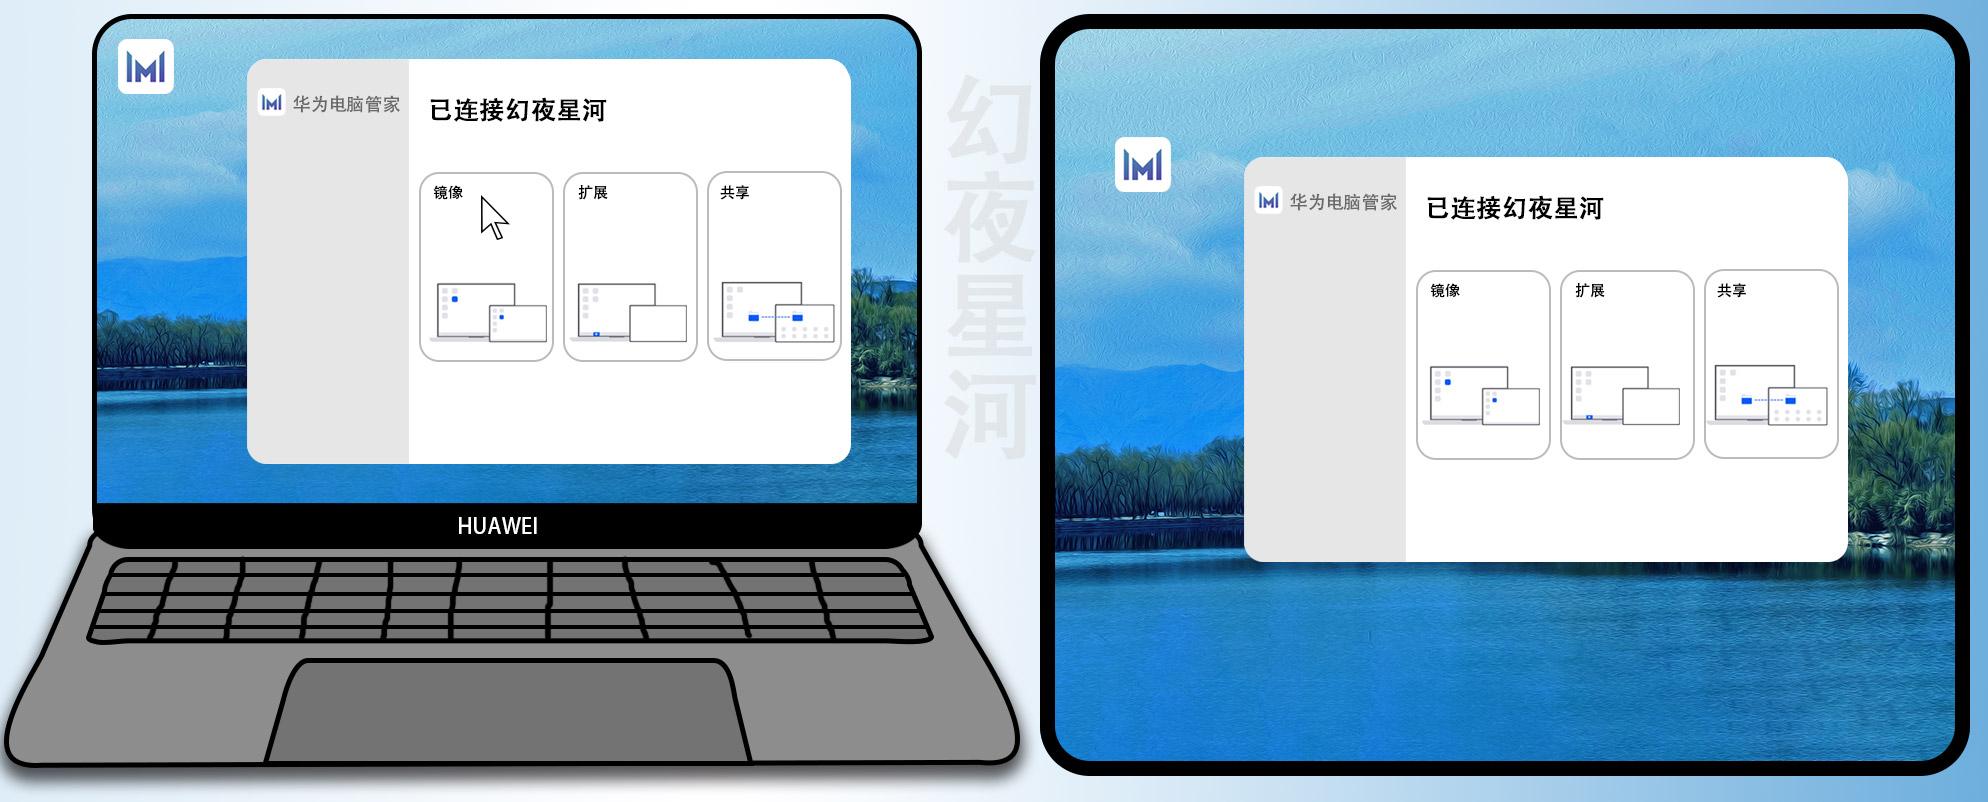 平板多屏协同1.jpg